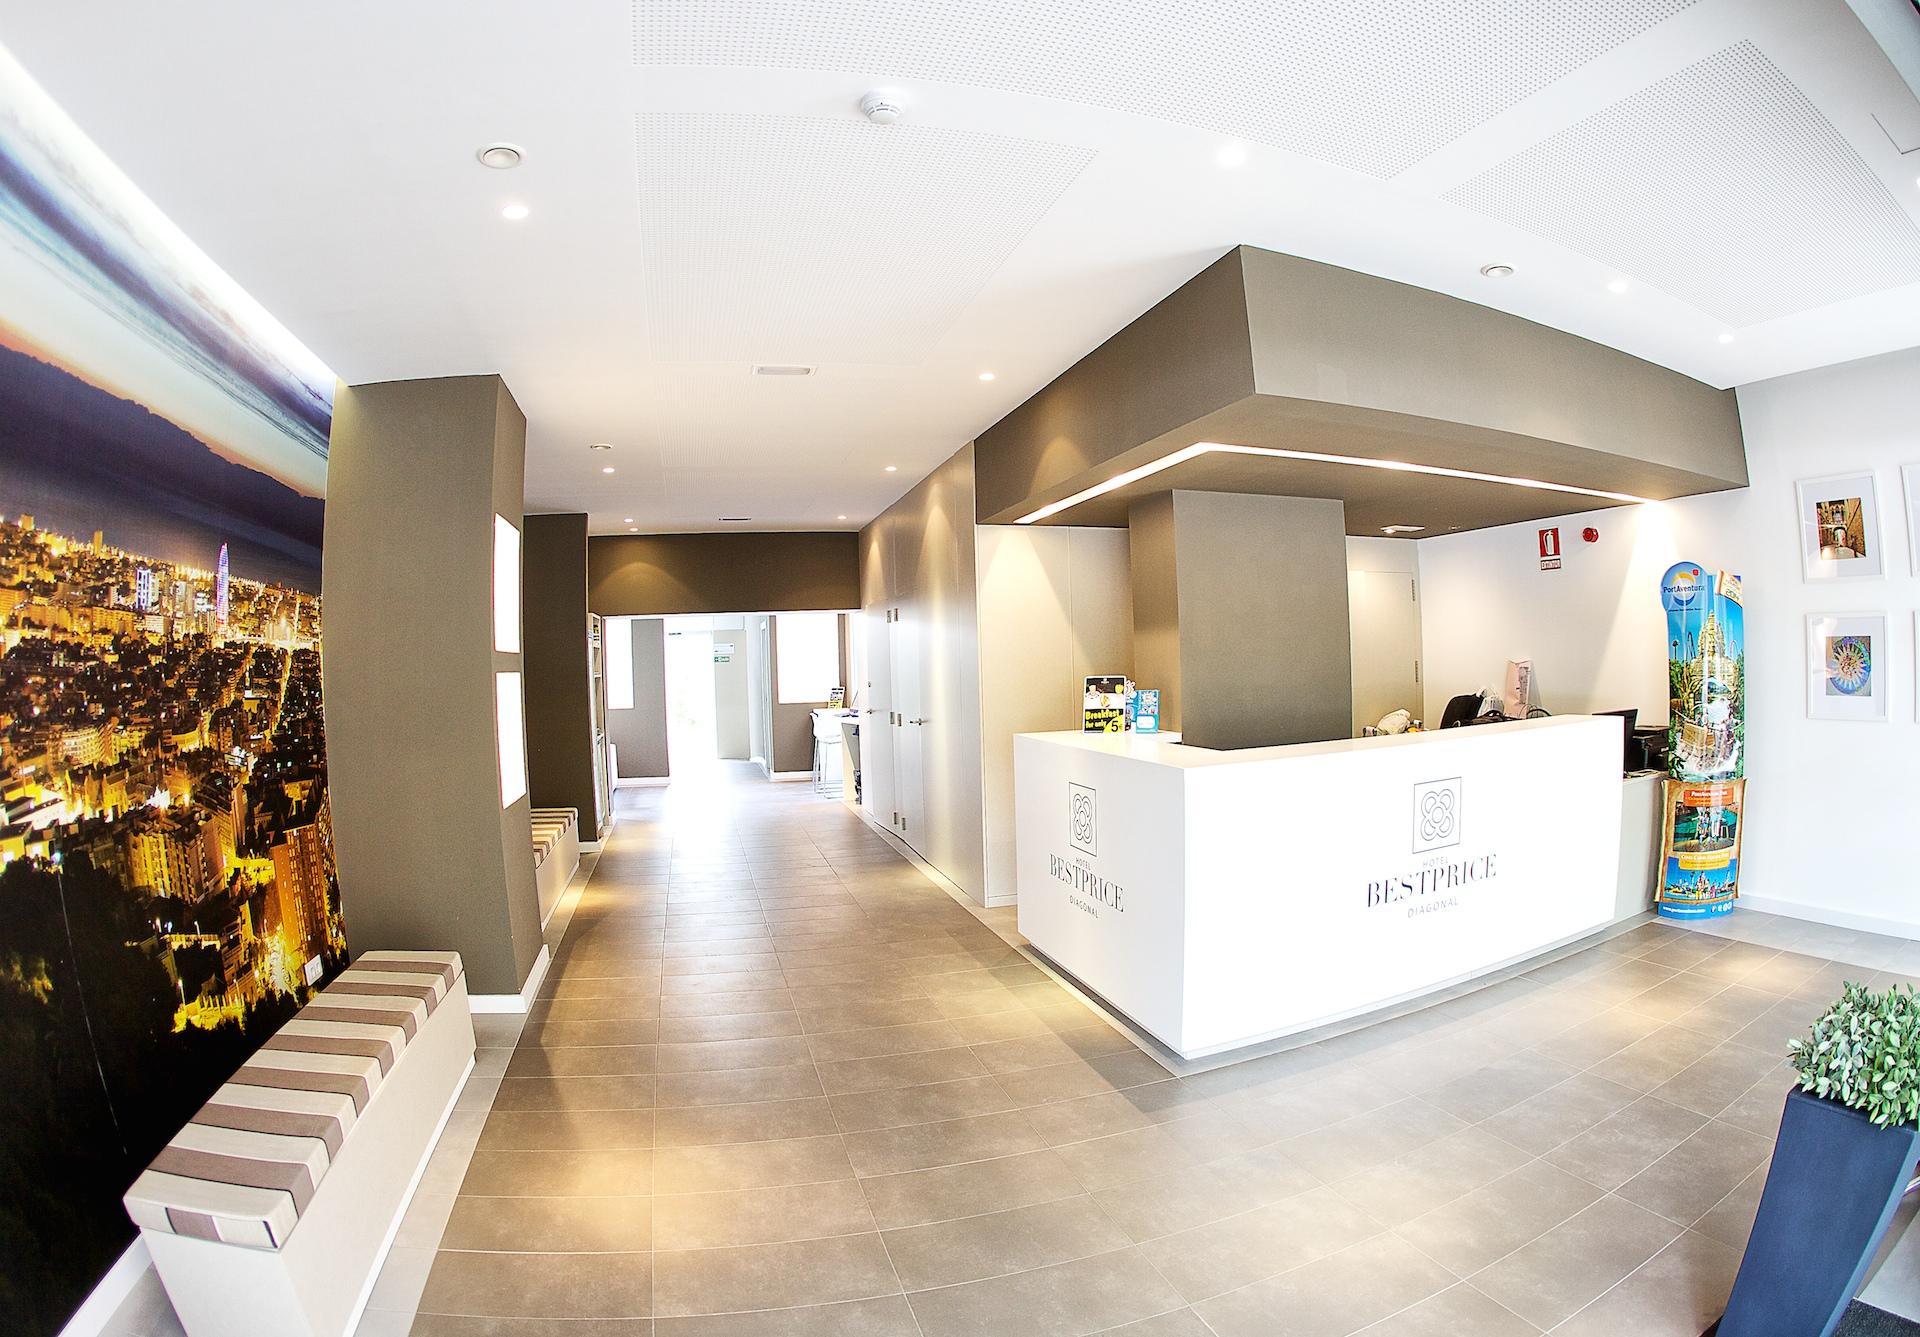 El hotel de emprendedores bestprice diagonal se afianza en for Ups oficinas barcelona